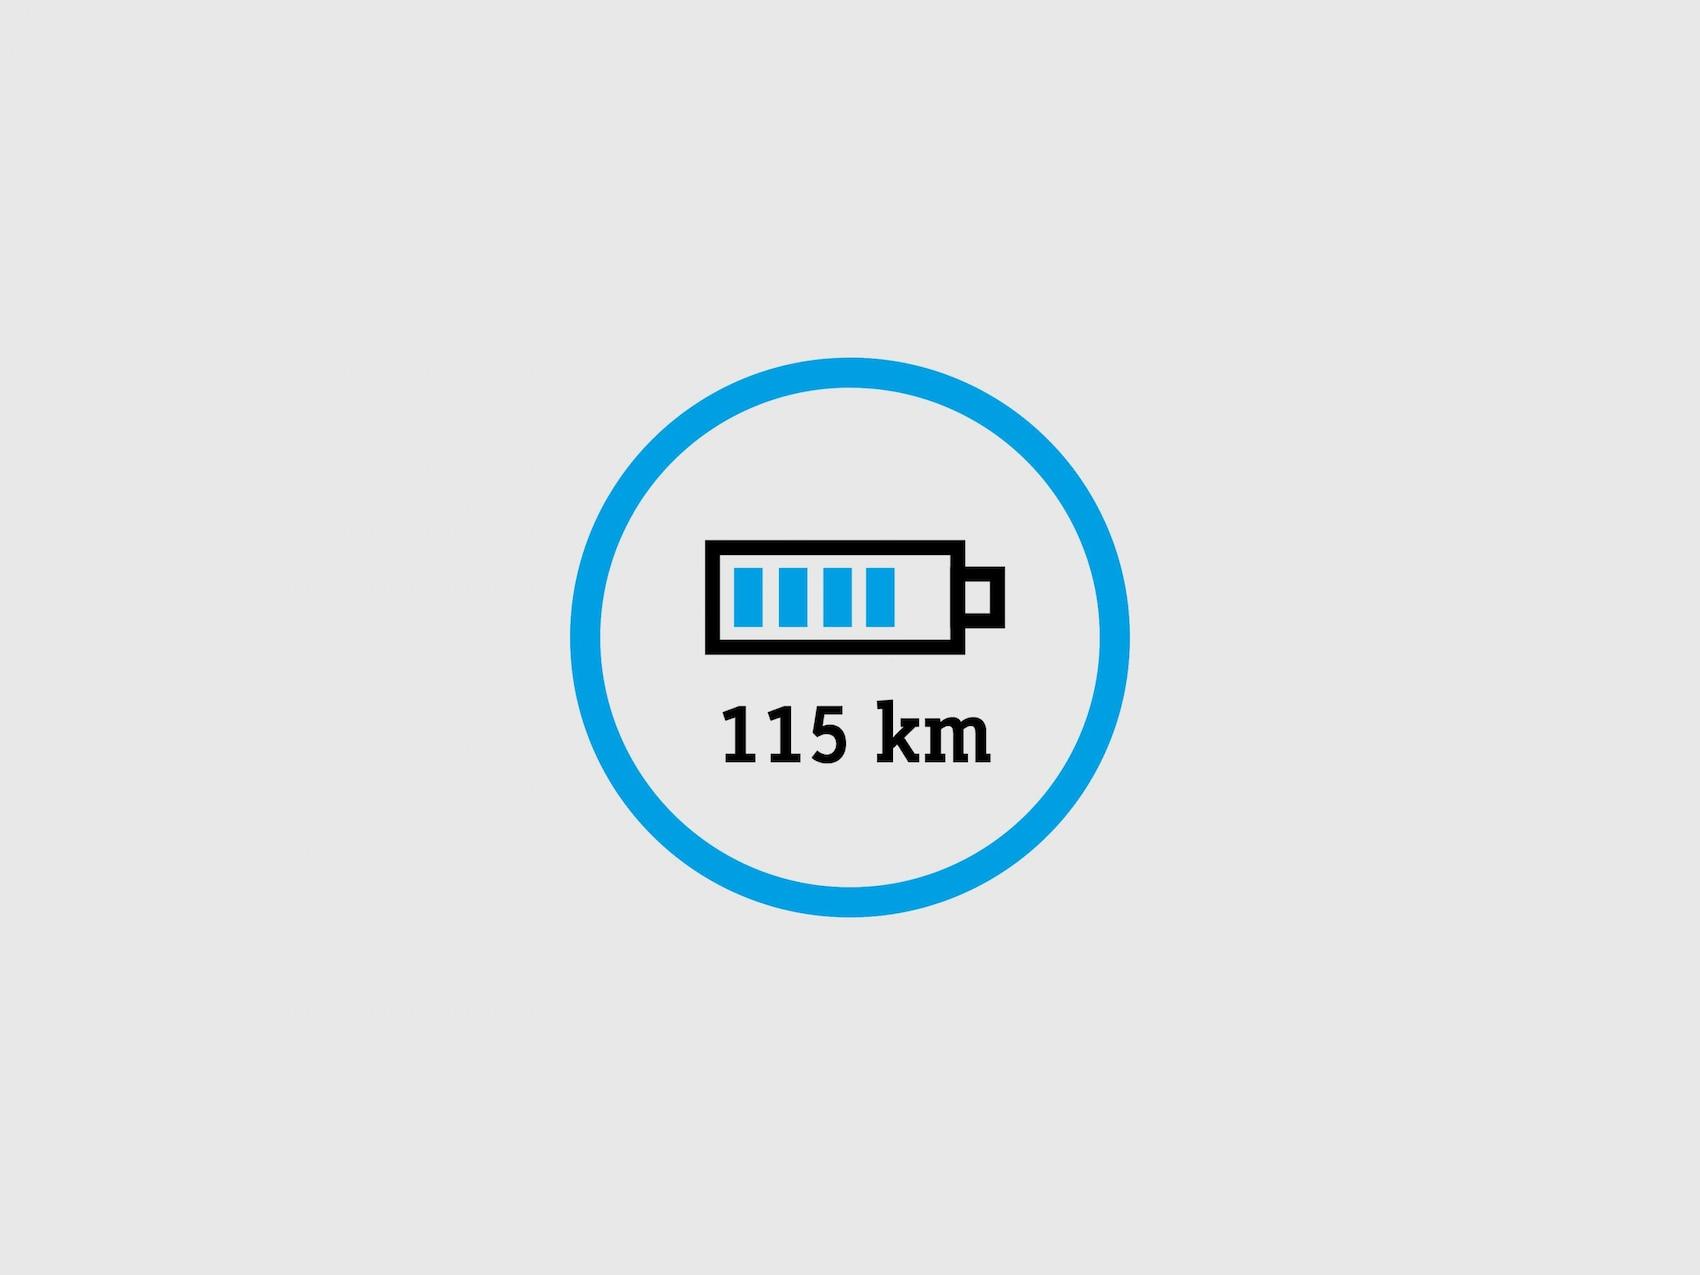 Cercle bleu dans lequel est représenté un écran de téléphone portable indiquant le niveau de charge d'une batterie.